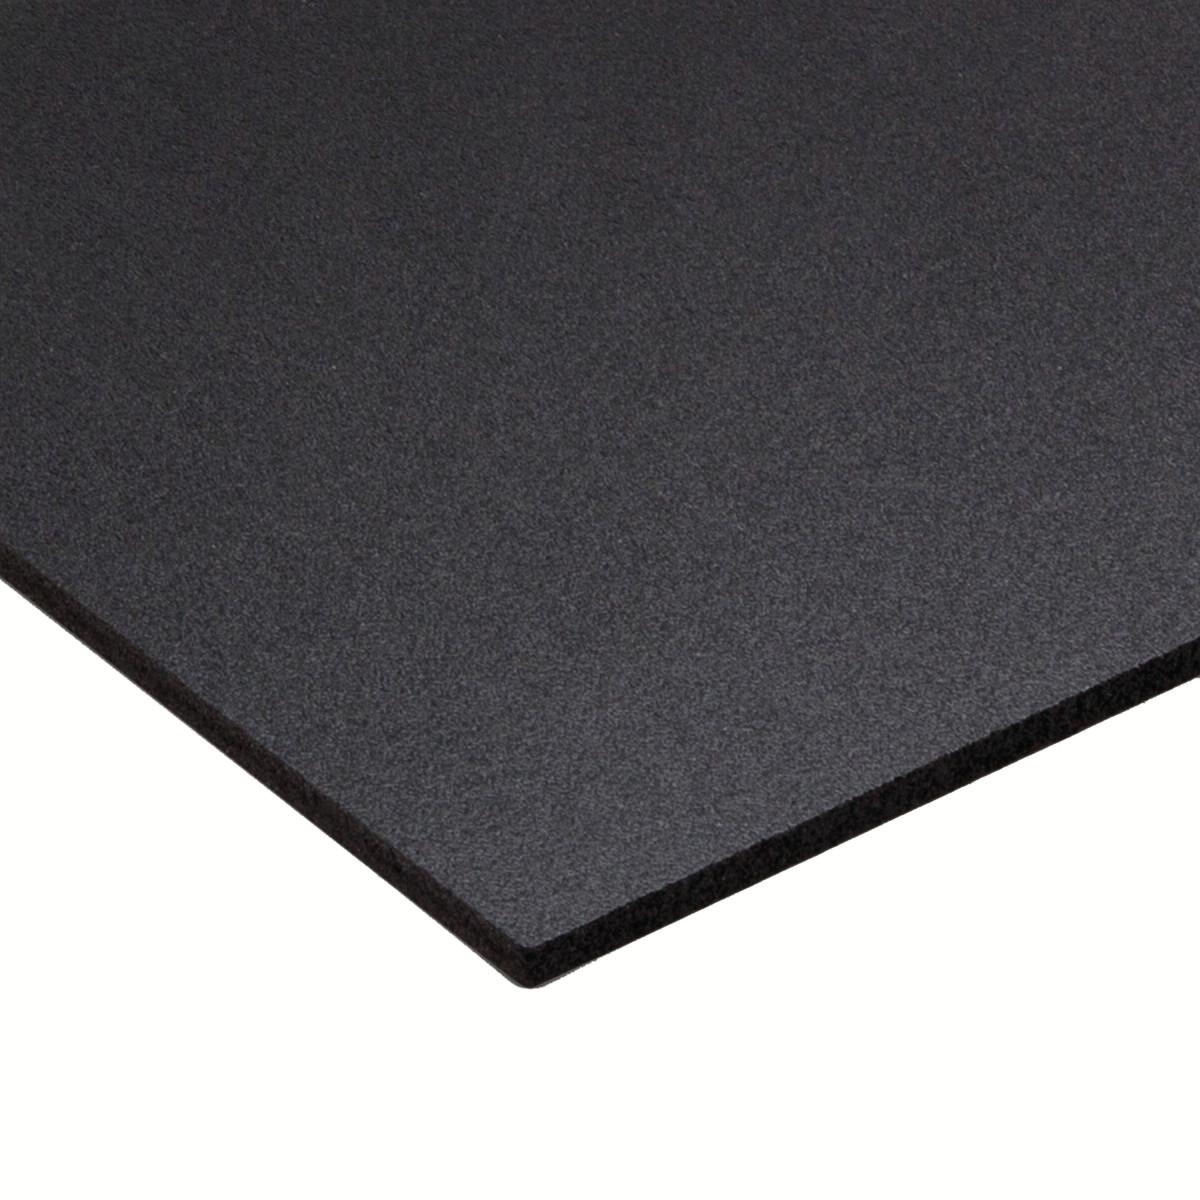 Lastra pvc nero 10 mm prezzo e offerte sottocosto for Taglio plexiglass leroy merlin